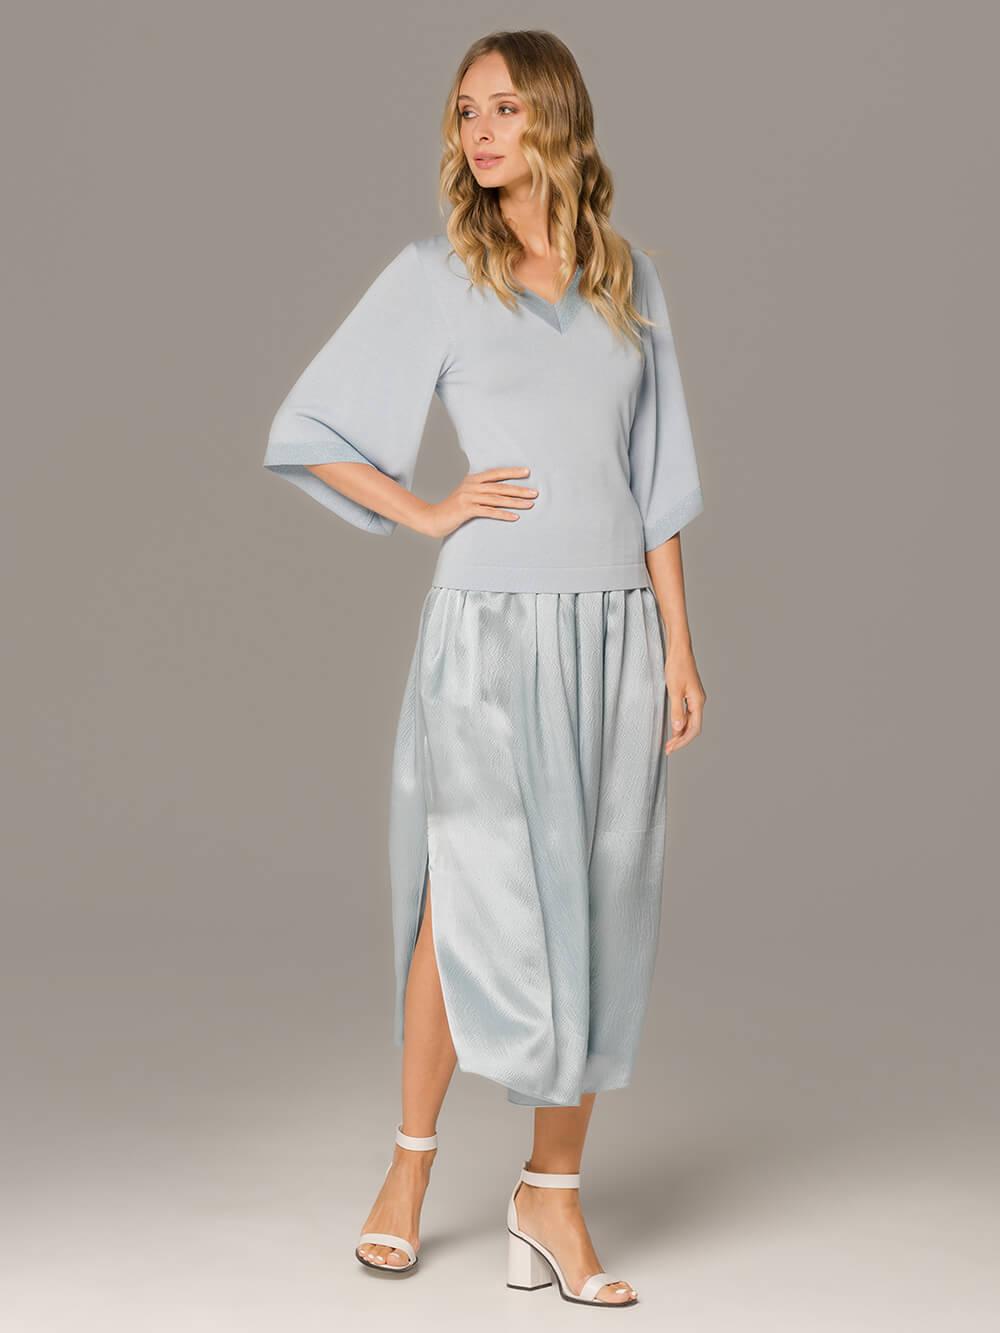 Женская юбка голубого цвета из 100% шелка - фото 1